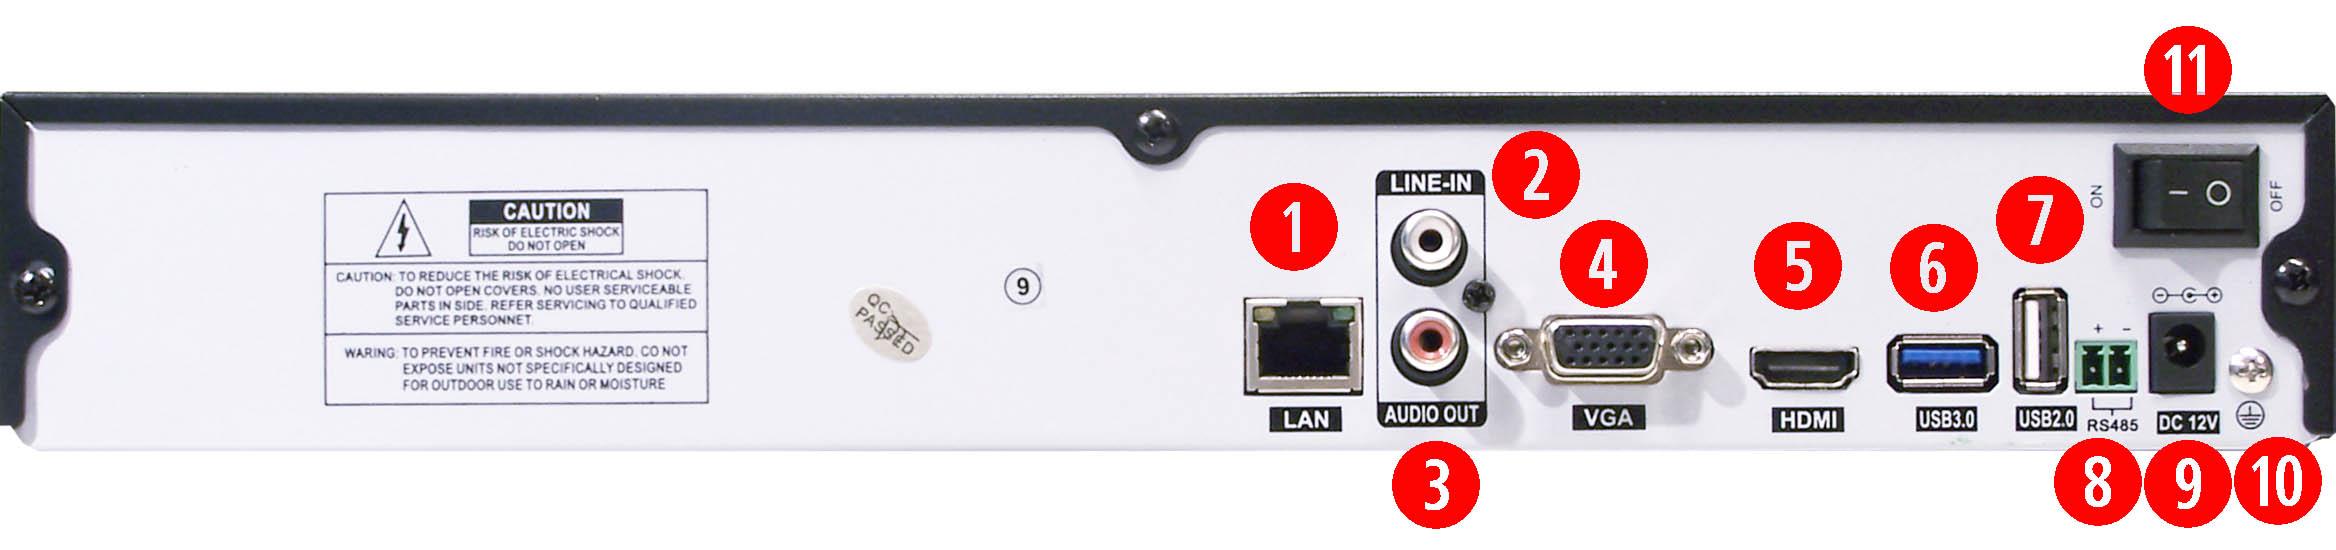 Schema Collegamento Nvr : Videoregistratori nvr onvif per telecamere di rete ip on